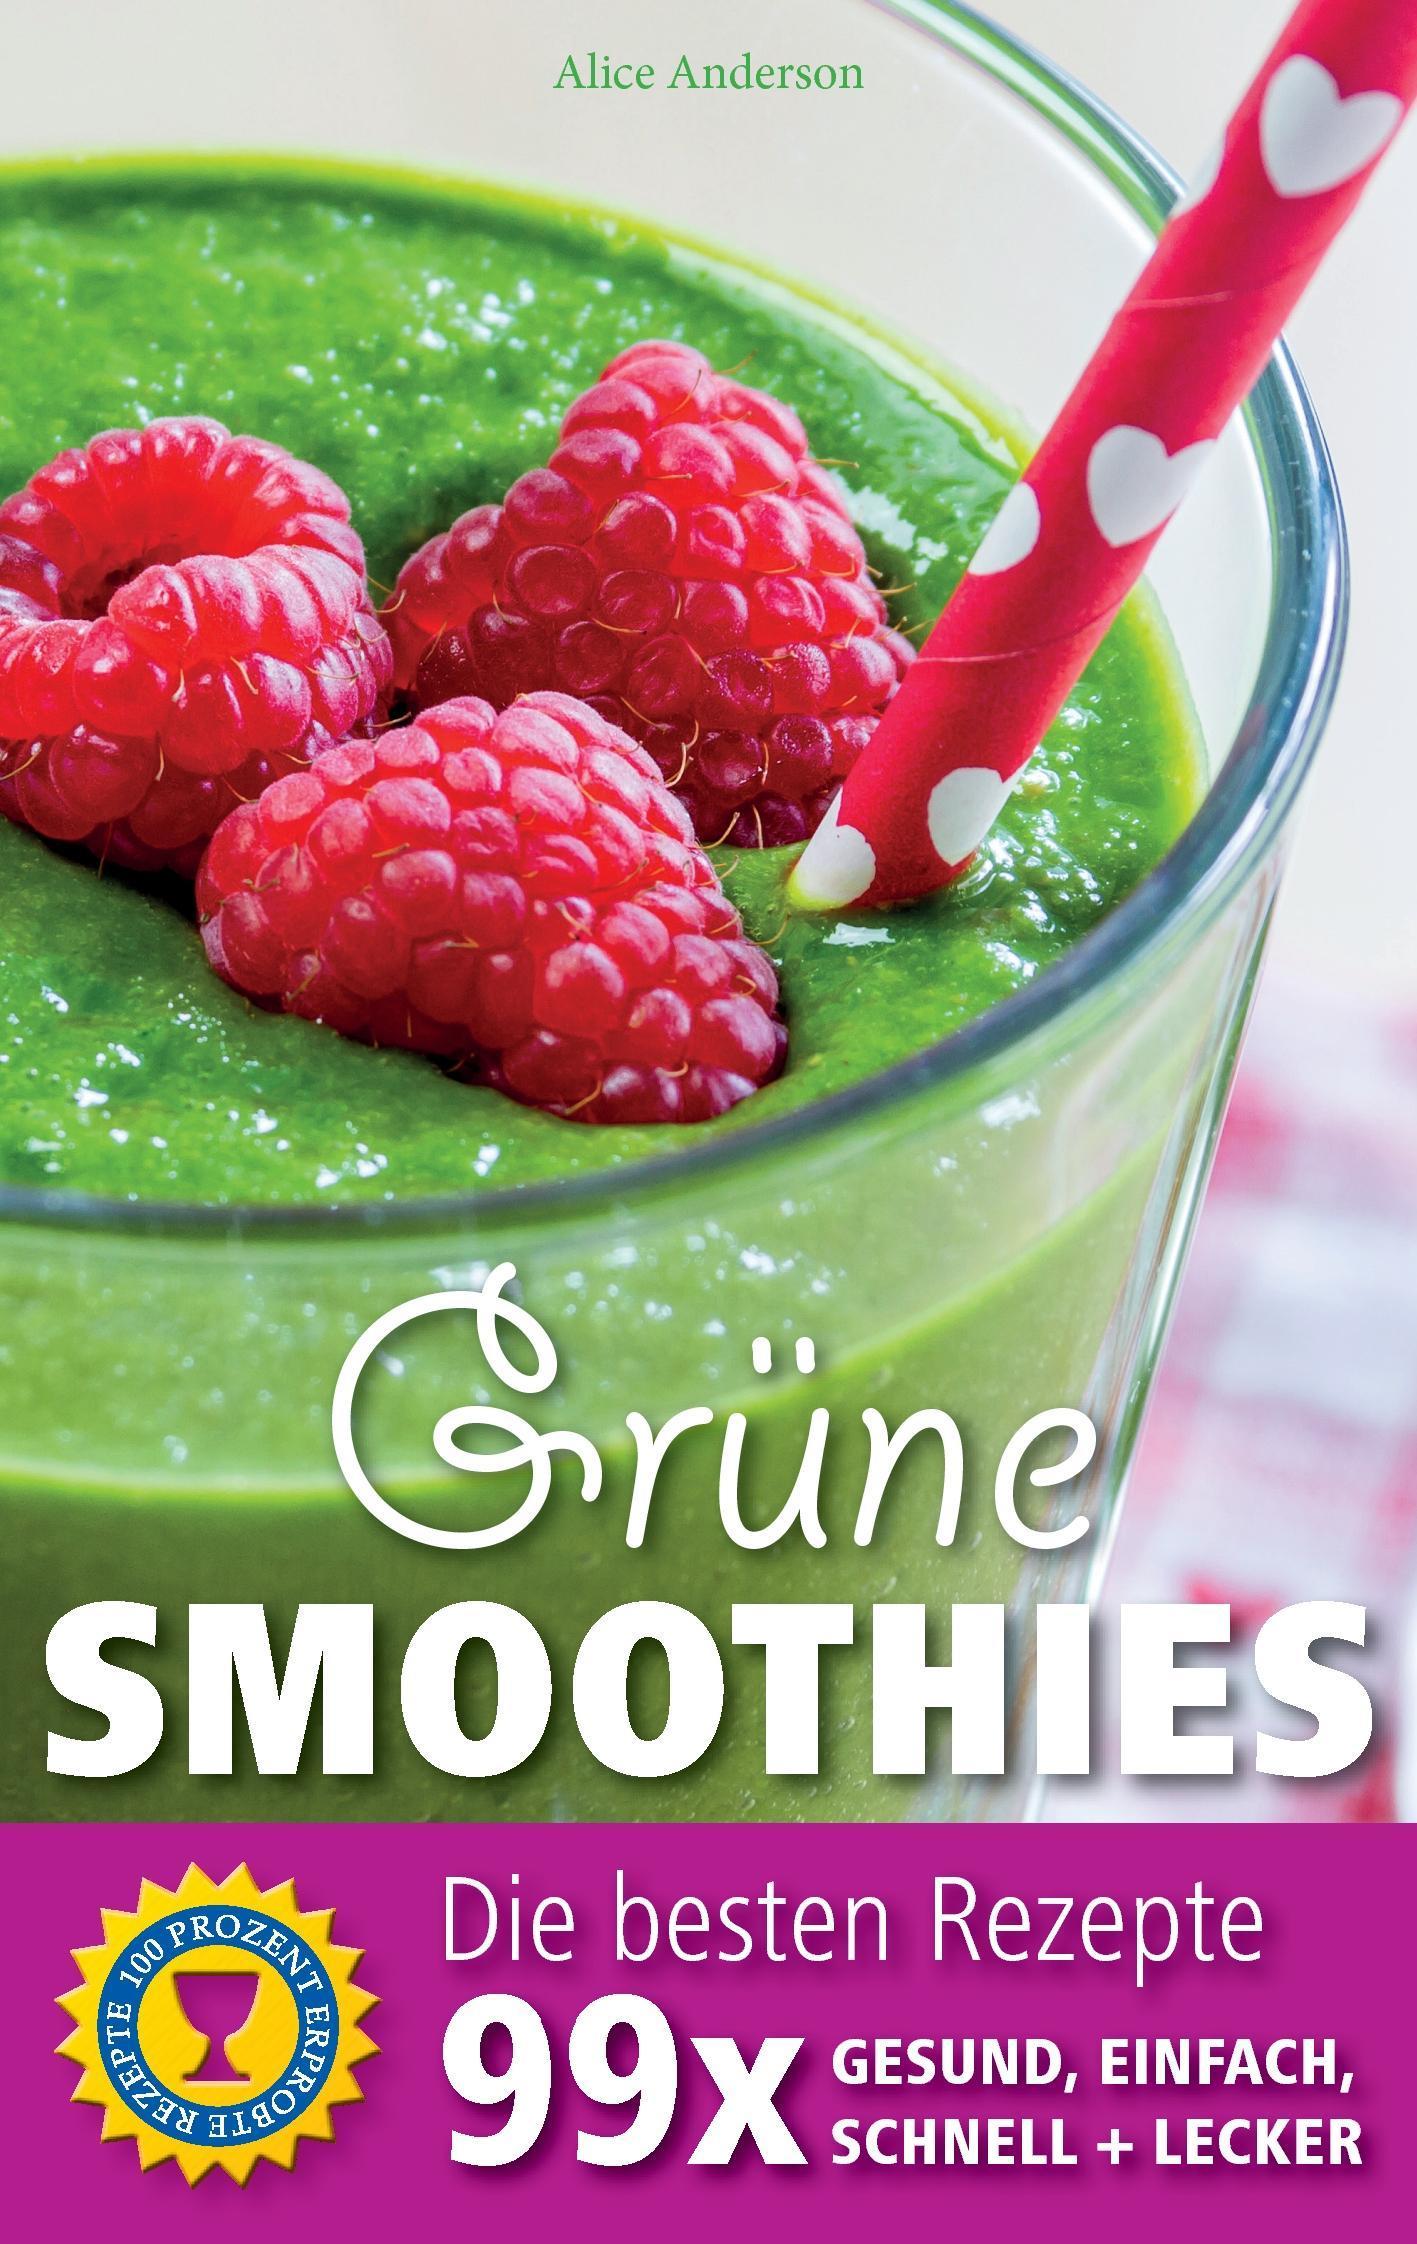 Grüne Smoothies - Die besten Rezepte